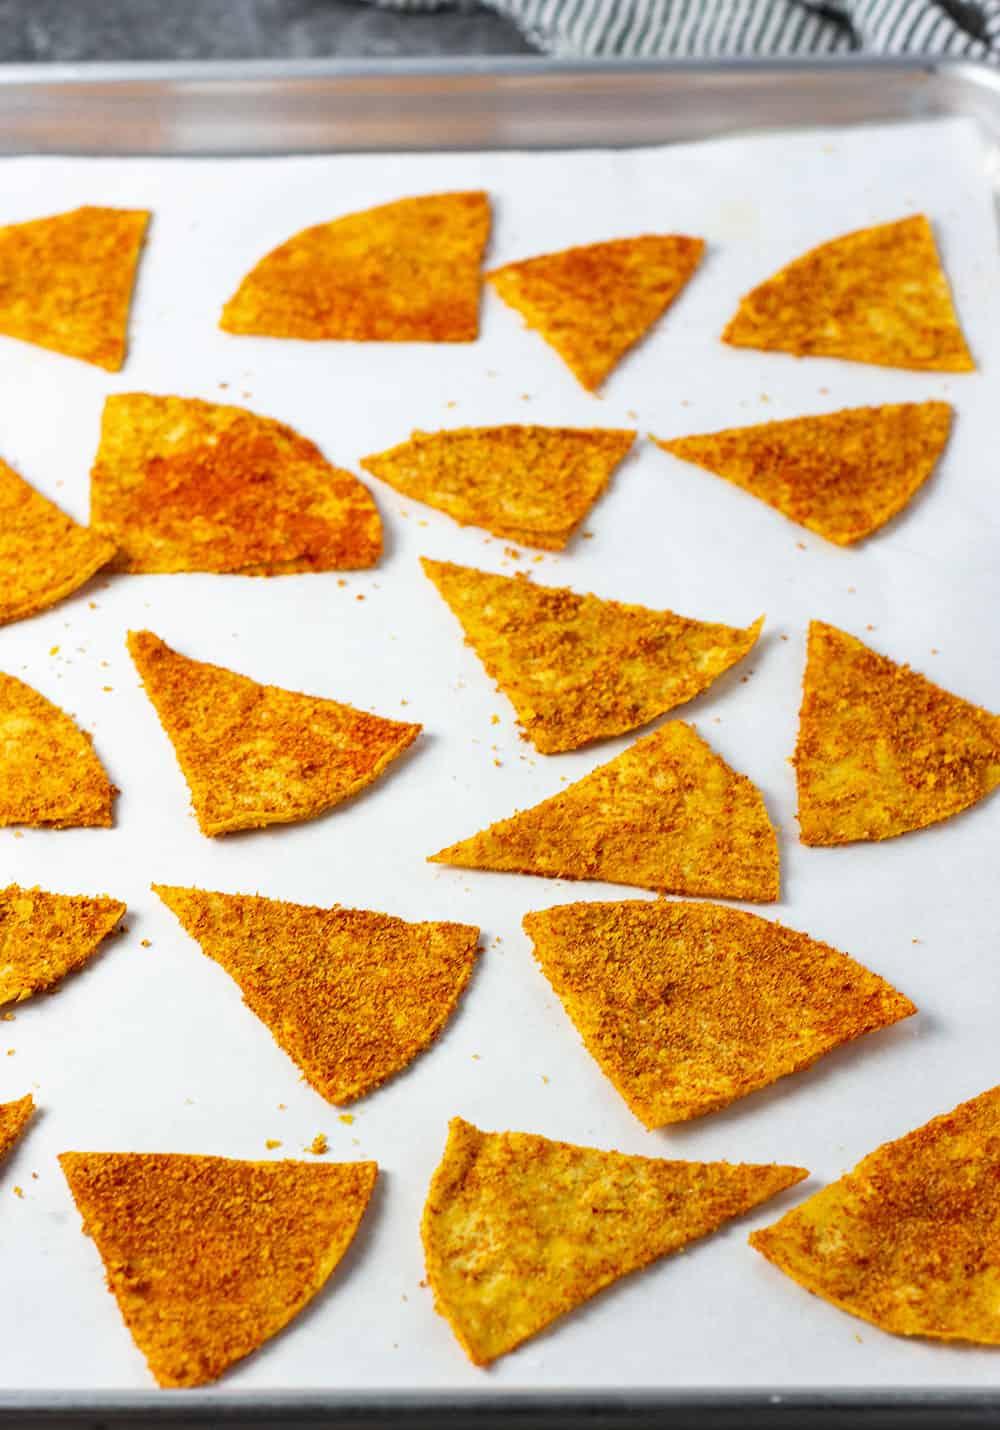 Vegan doritos on a baking sheet